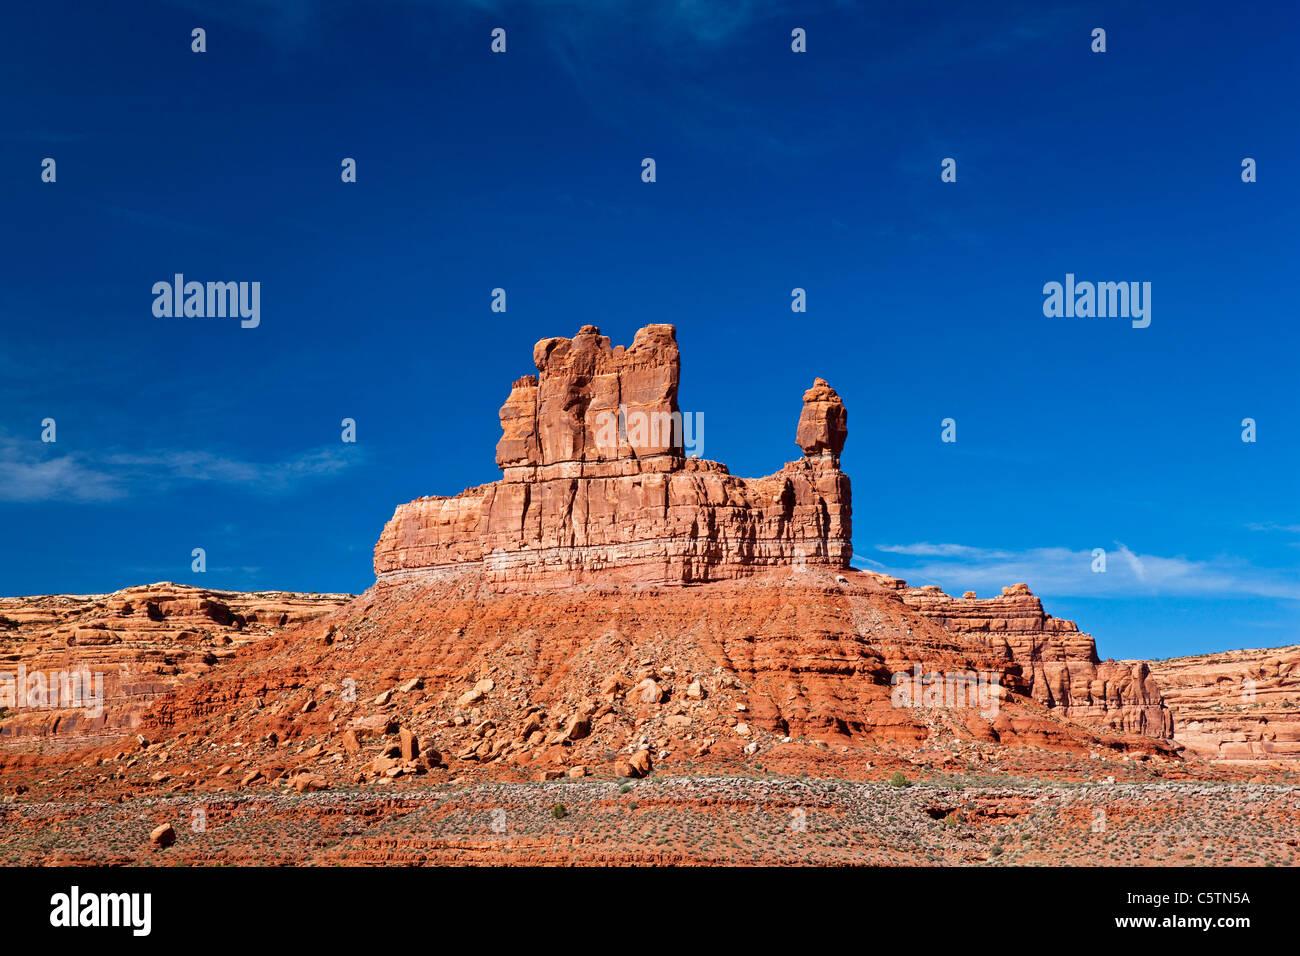 Stati Uniti d'America, Utah, la Valle degli Dèi, scenario desertico Immagini Stock